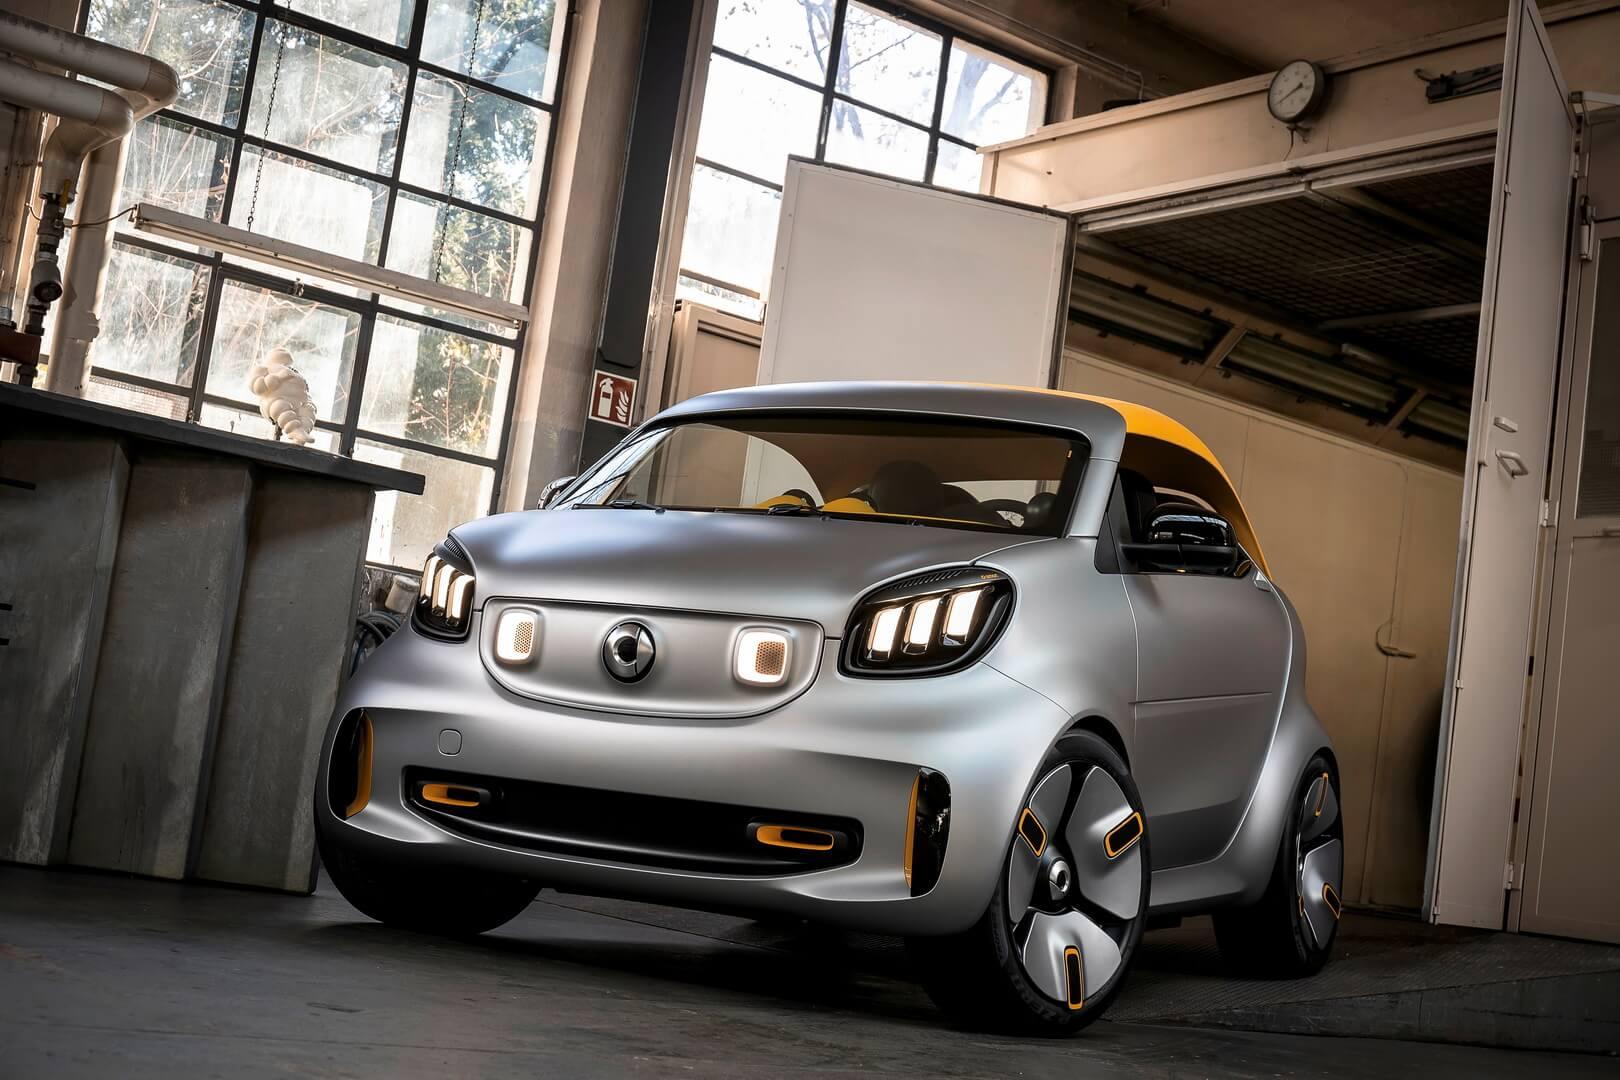 Smart покажет в Женеве EV-кабриолет со съемной крышей Forease +